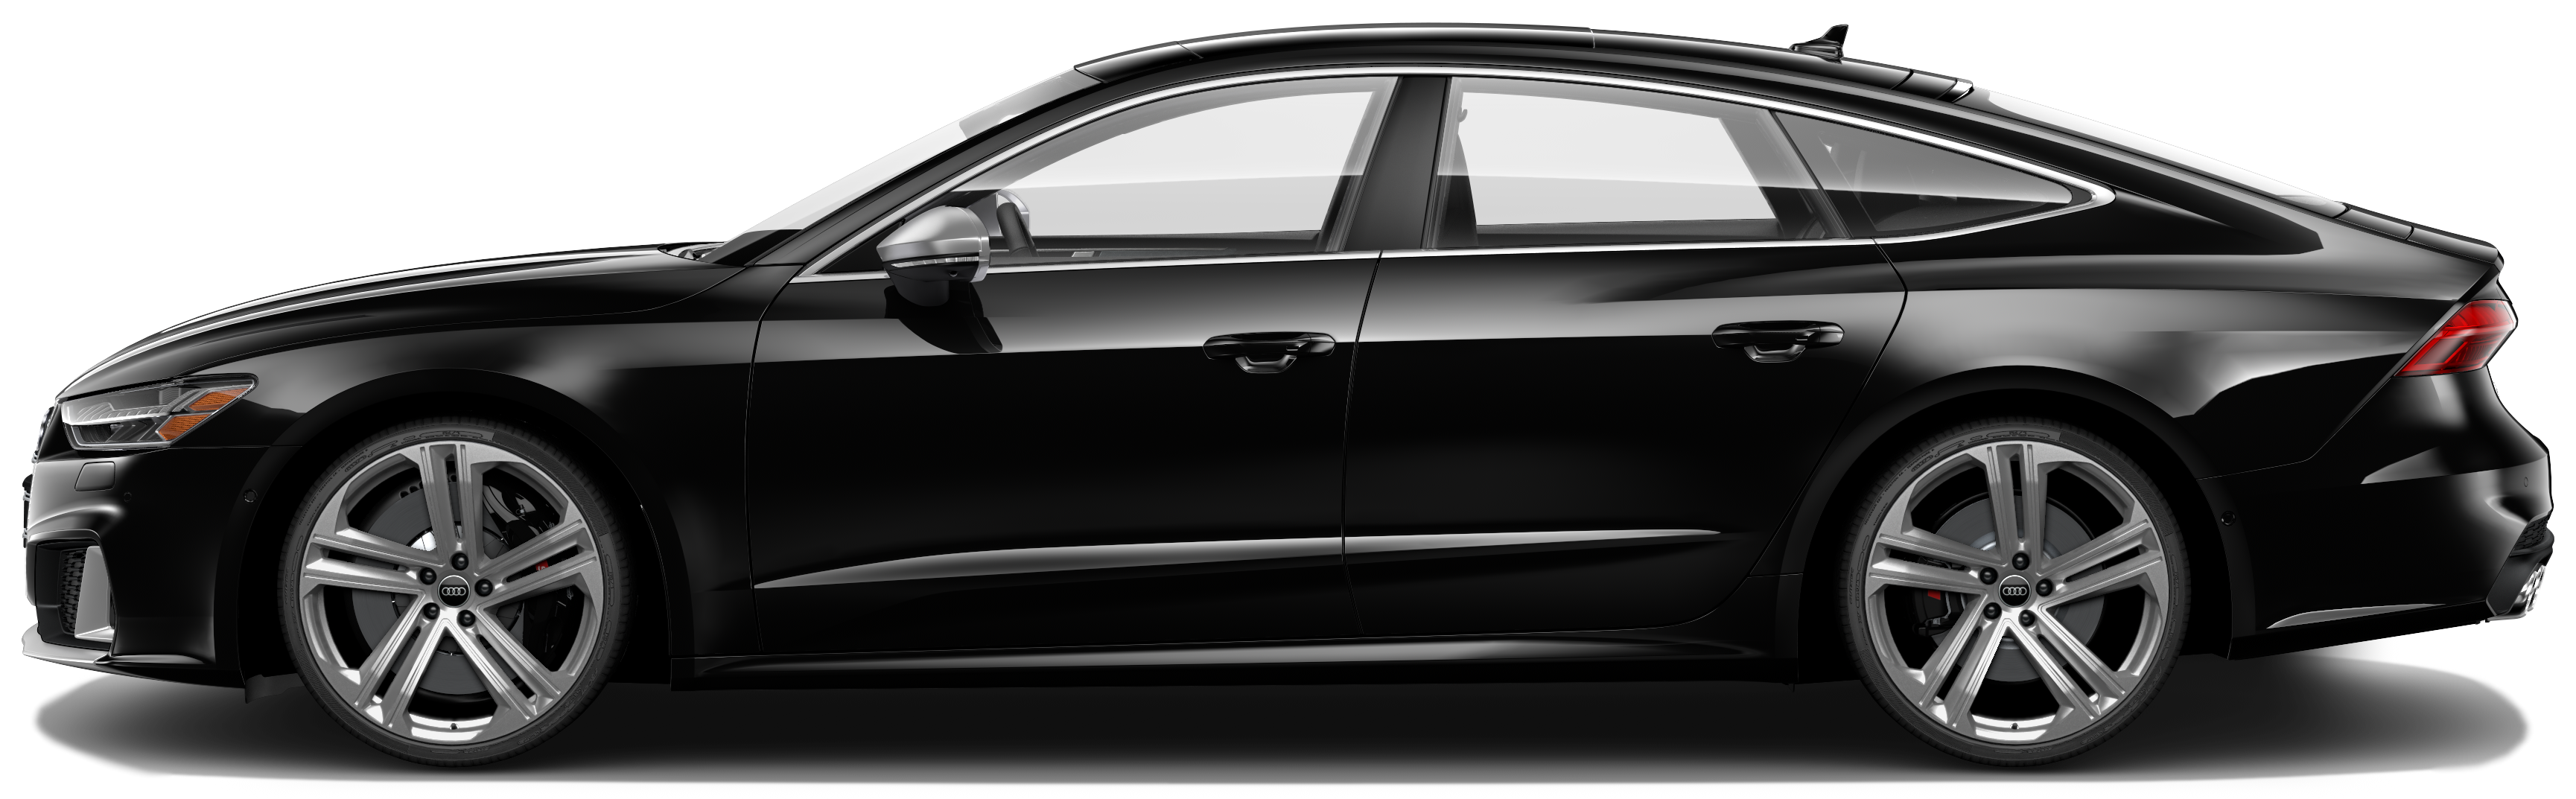 2021 Audi S7 Sportback 2.9T Premium Plus